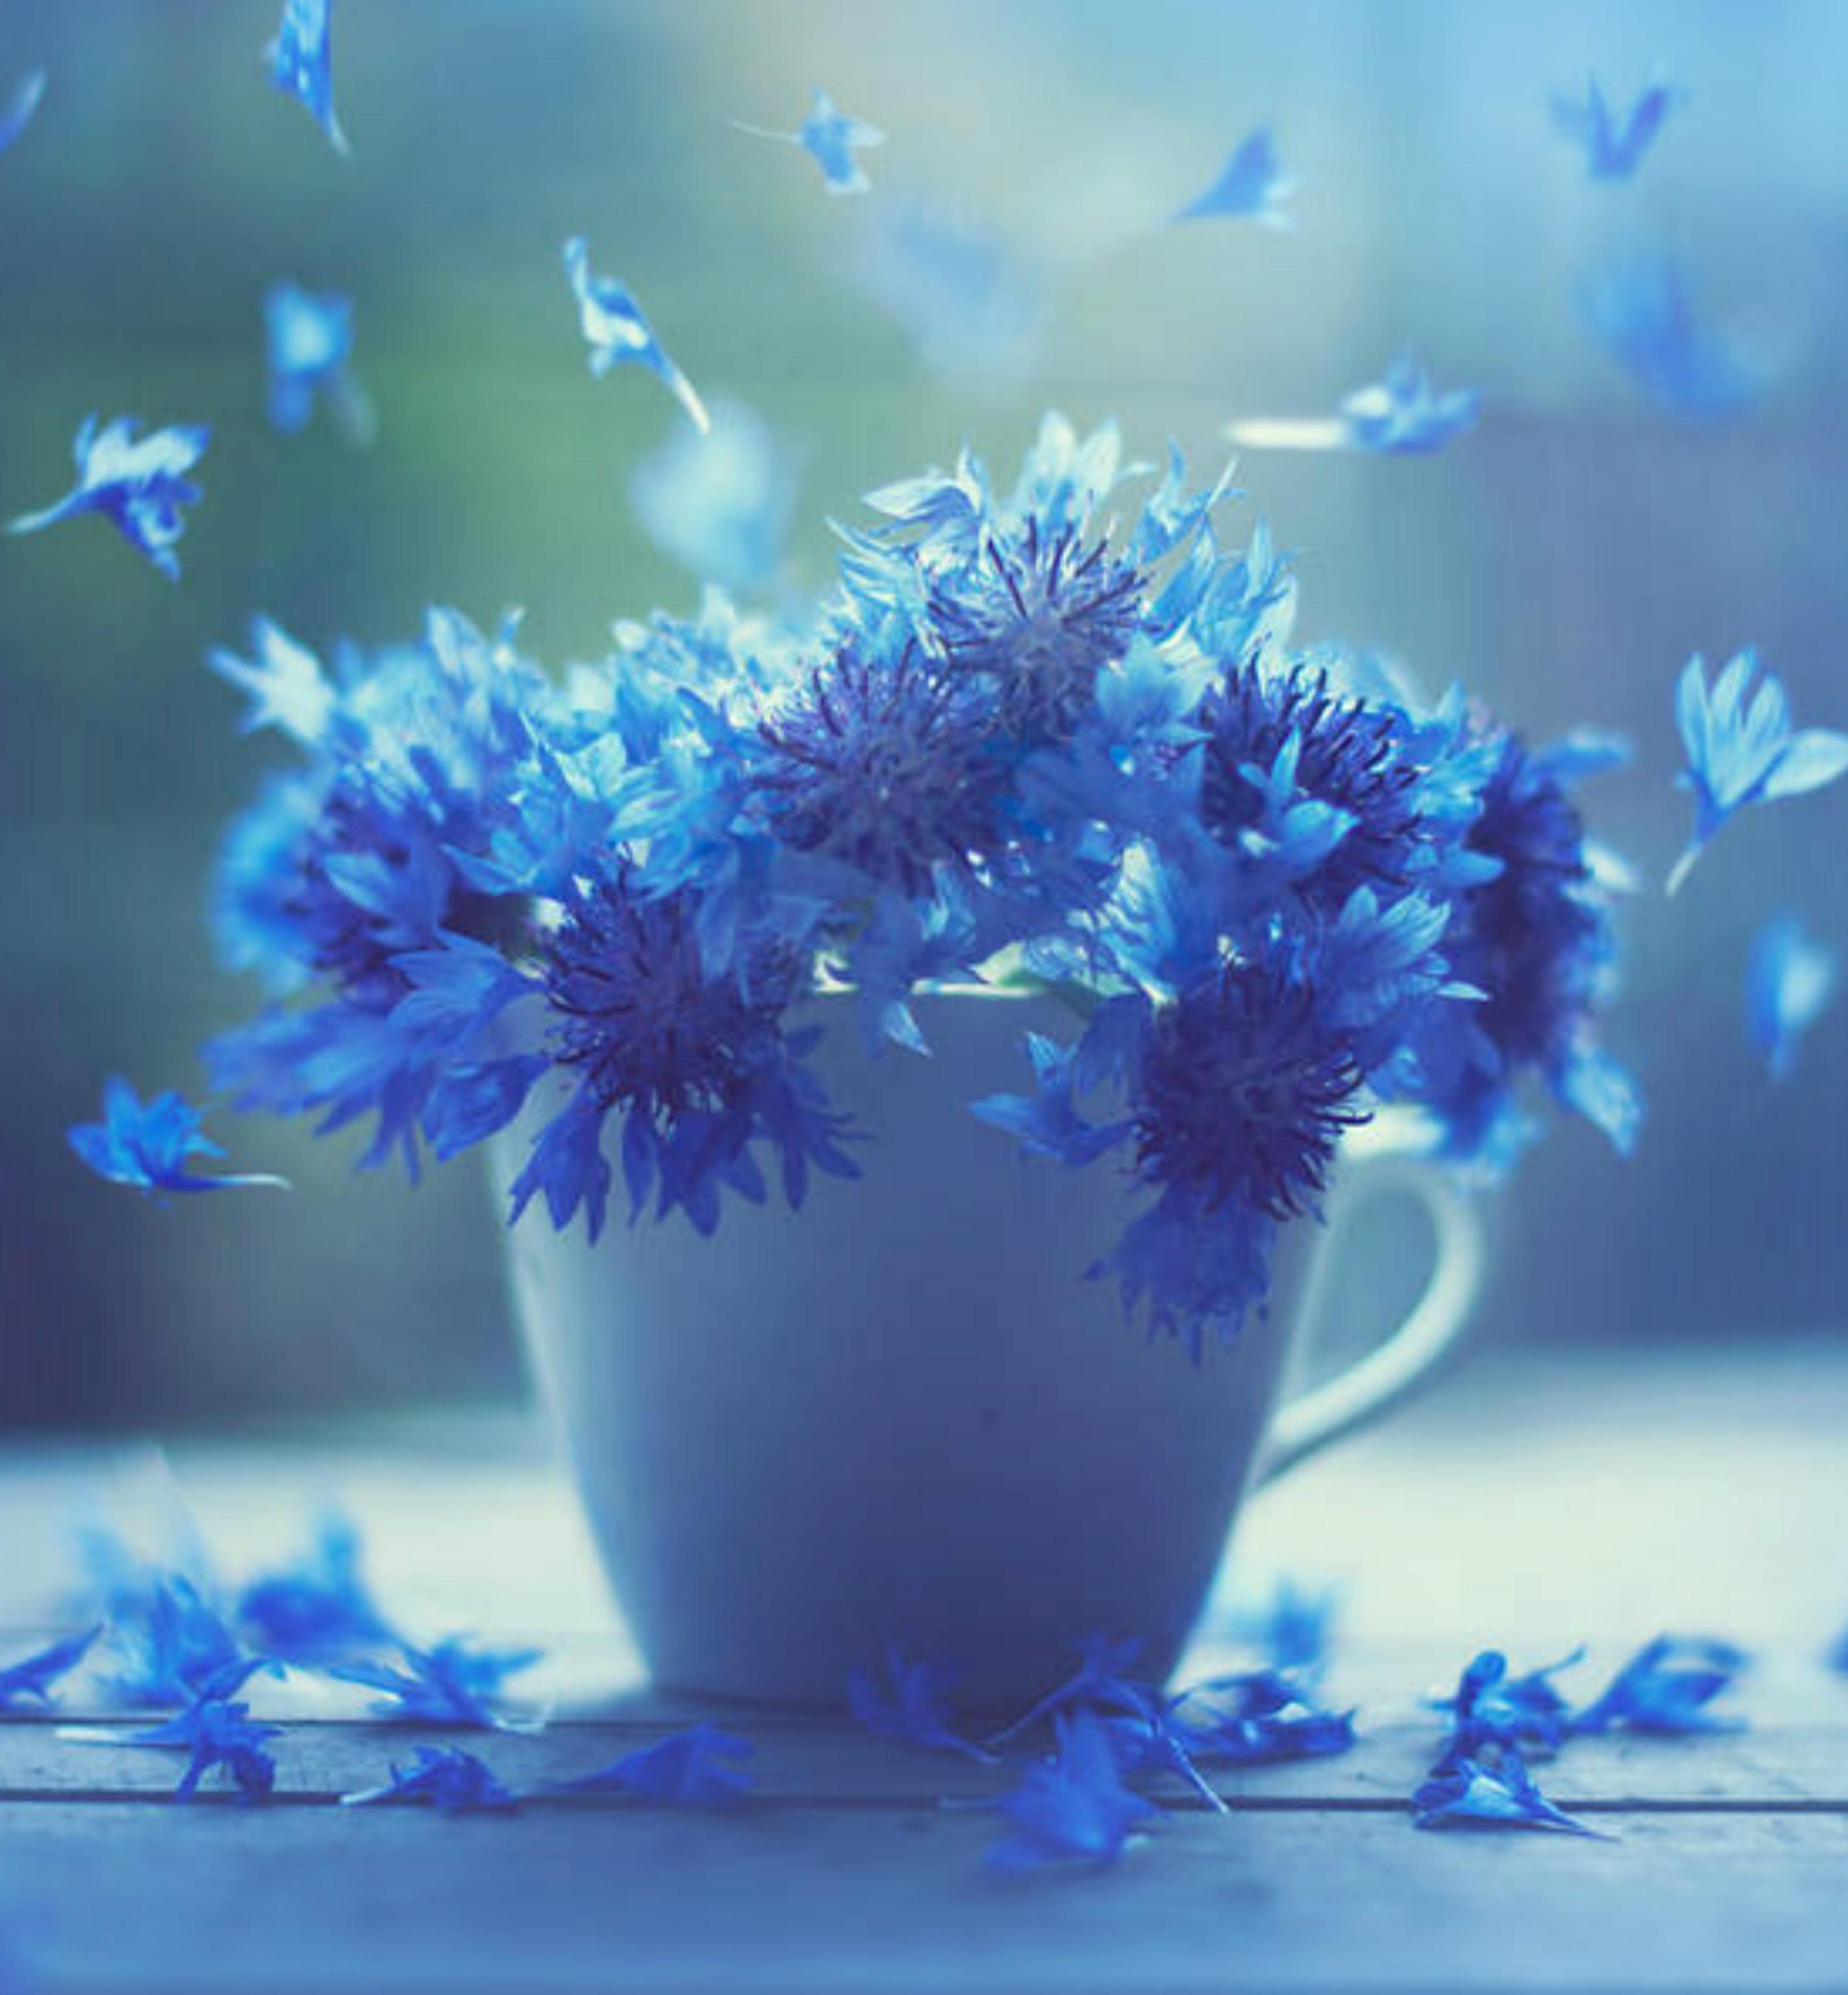 Gambar Cangkir Kopi Bunga Mekar Musim Semi Lembut Jatuh